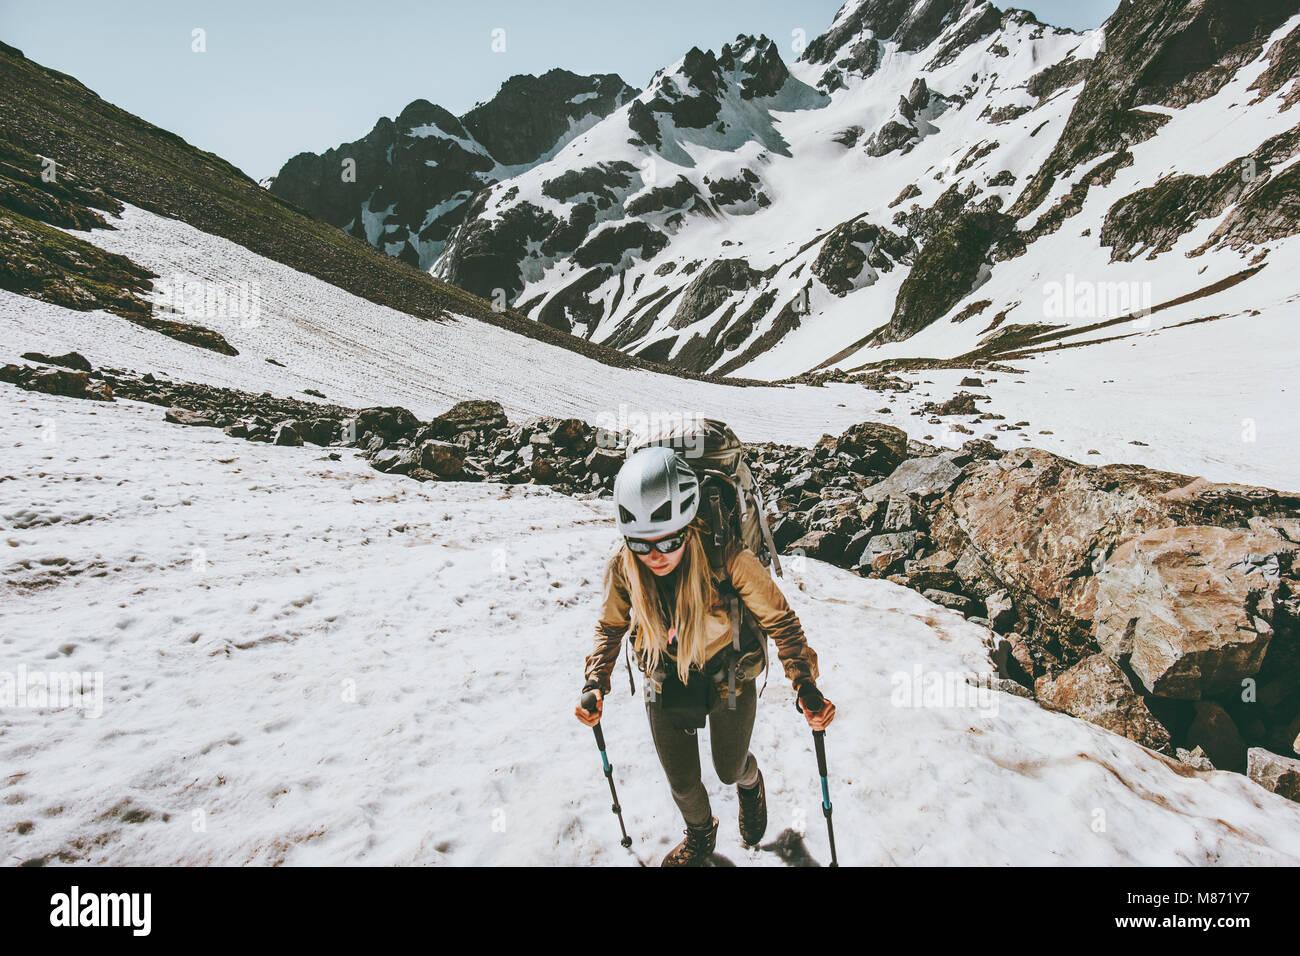 Donna attiva di arrampicata in montagna innevata Travel lifestyle adventure concept extreme vacanze outdoor gear Immagini Stock